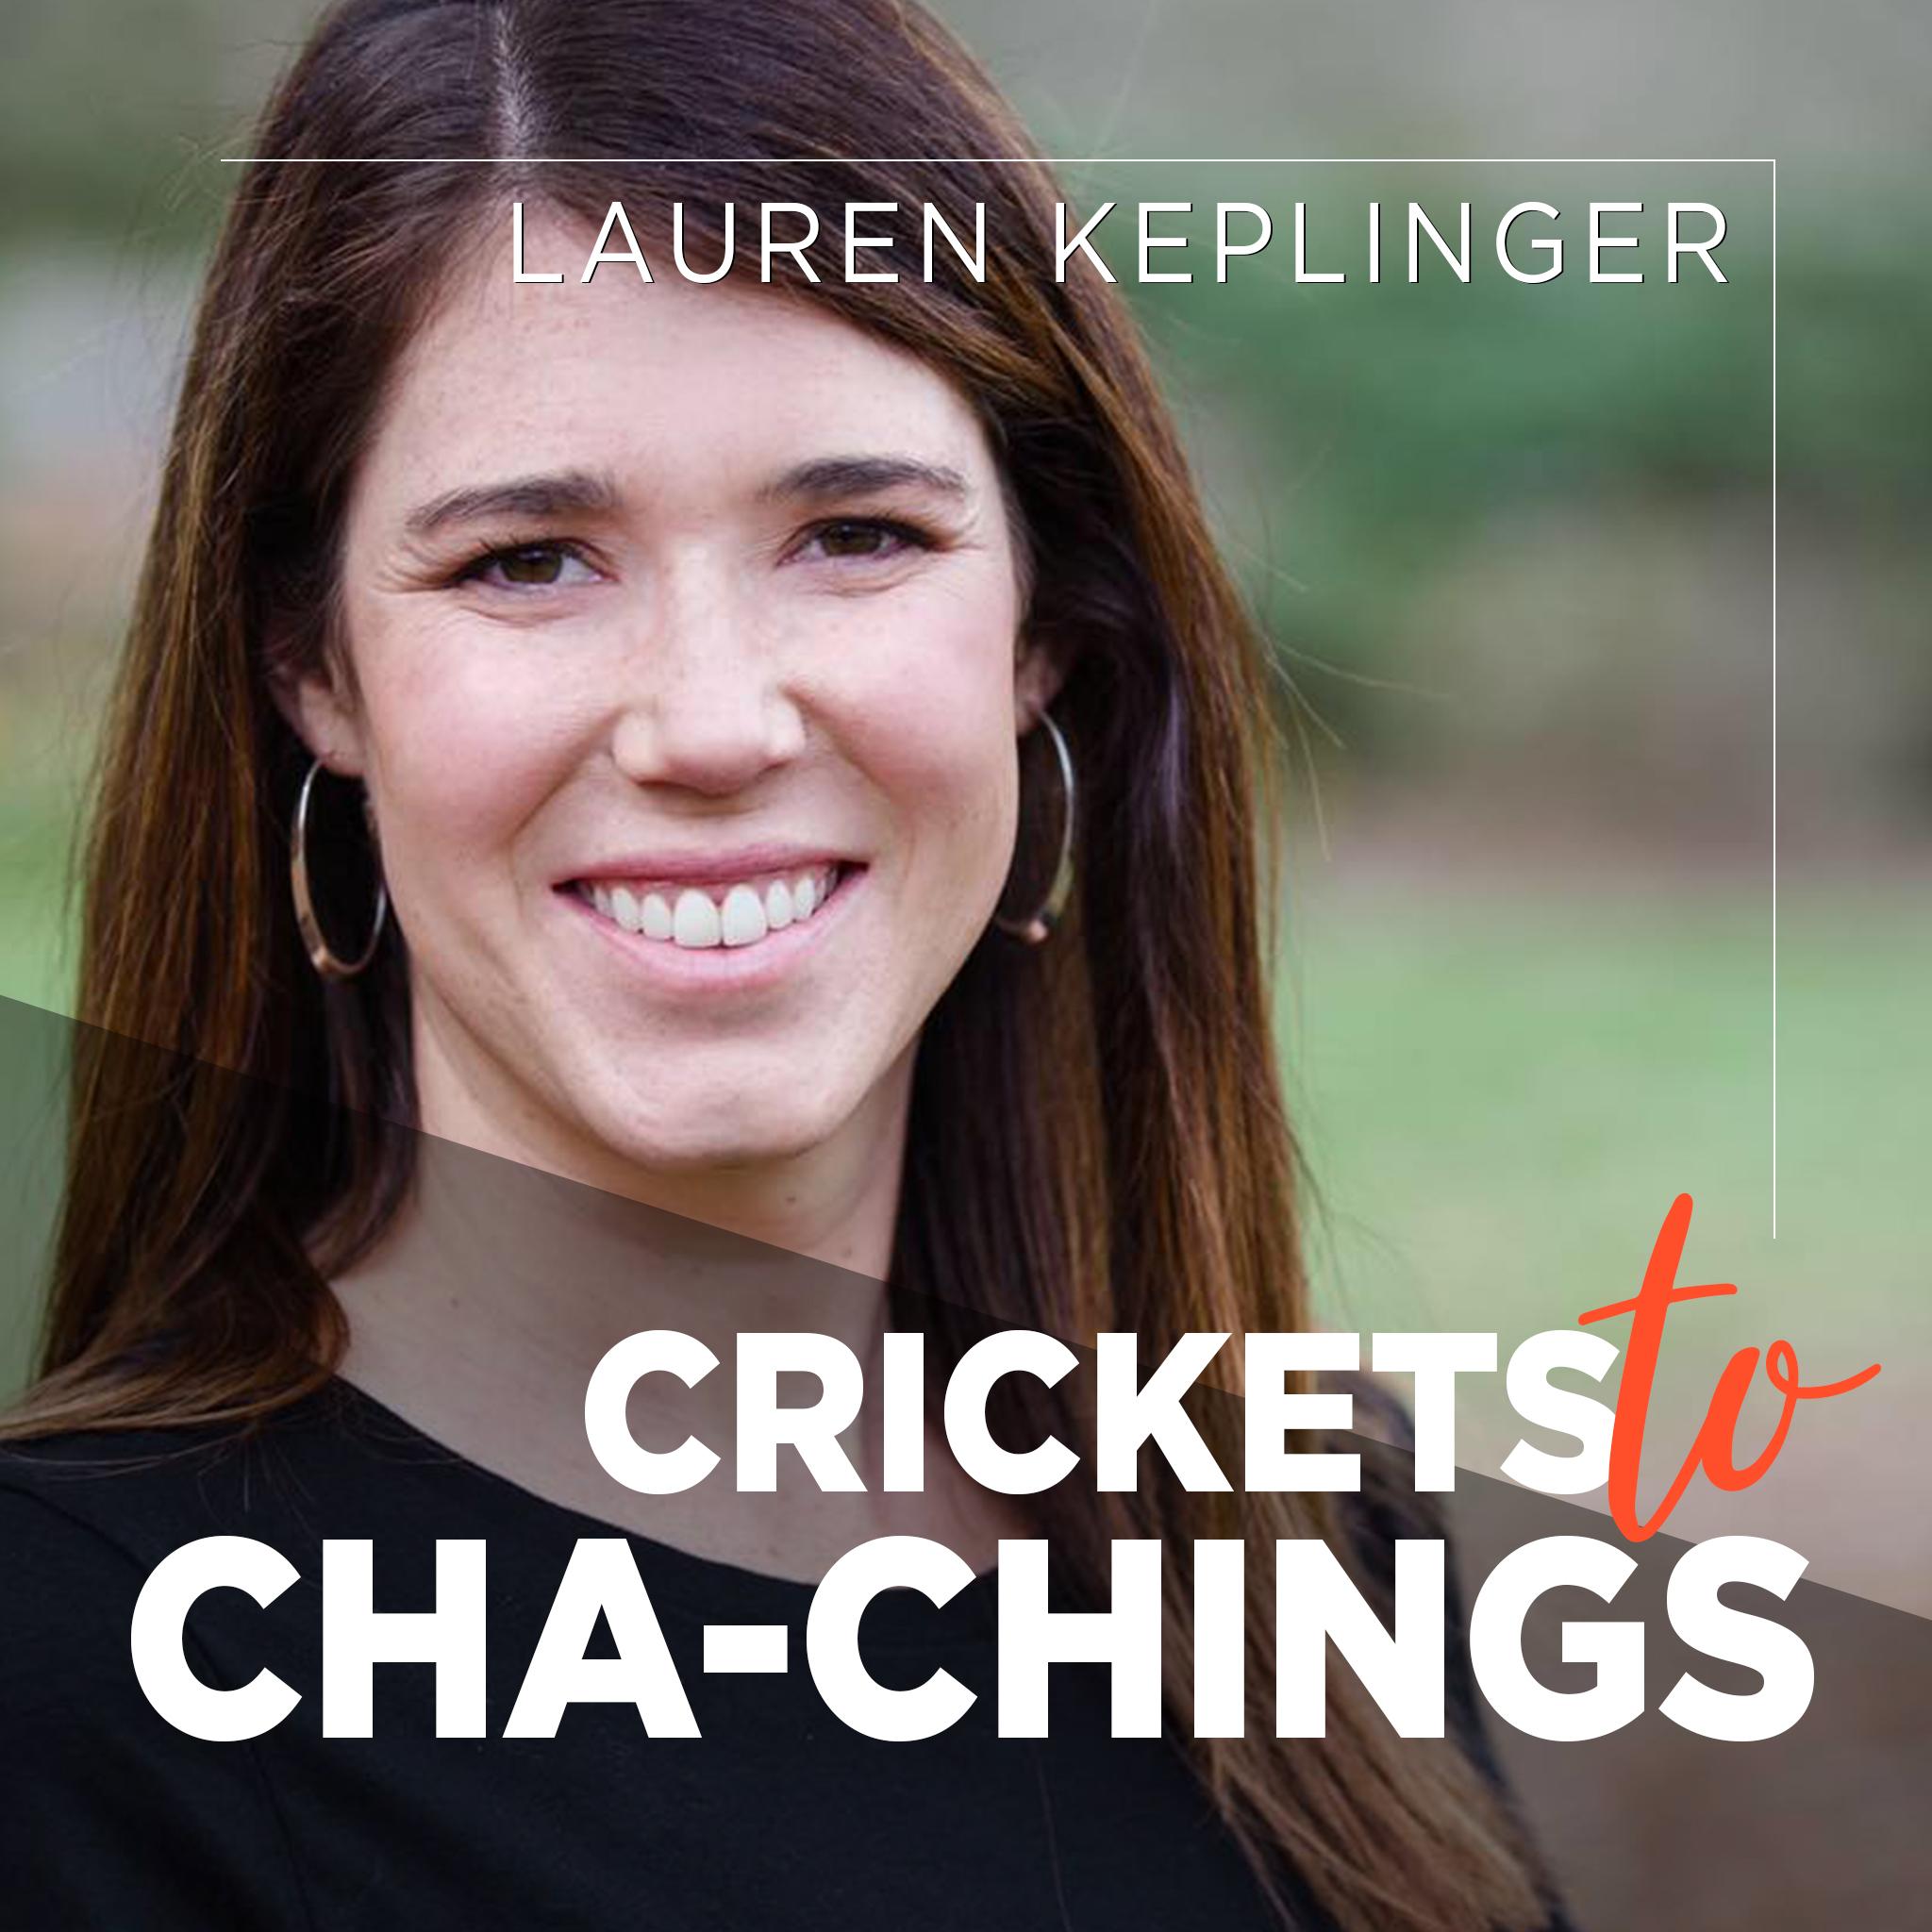 LaurenKeplingerPodcastCover.jpg